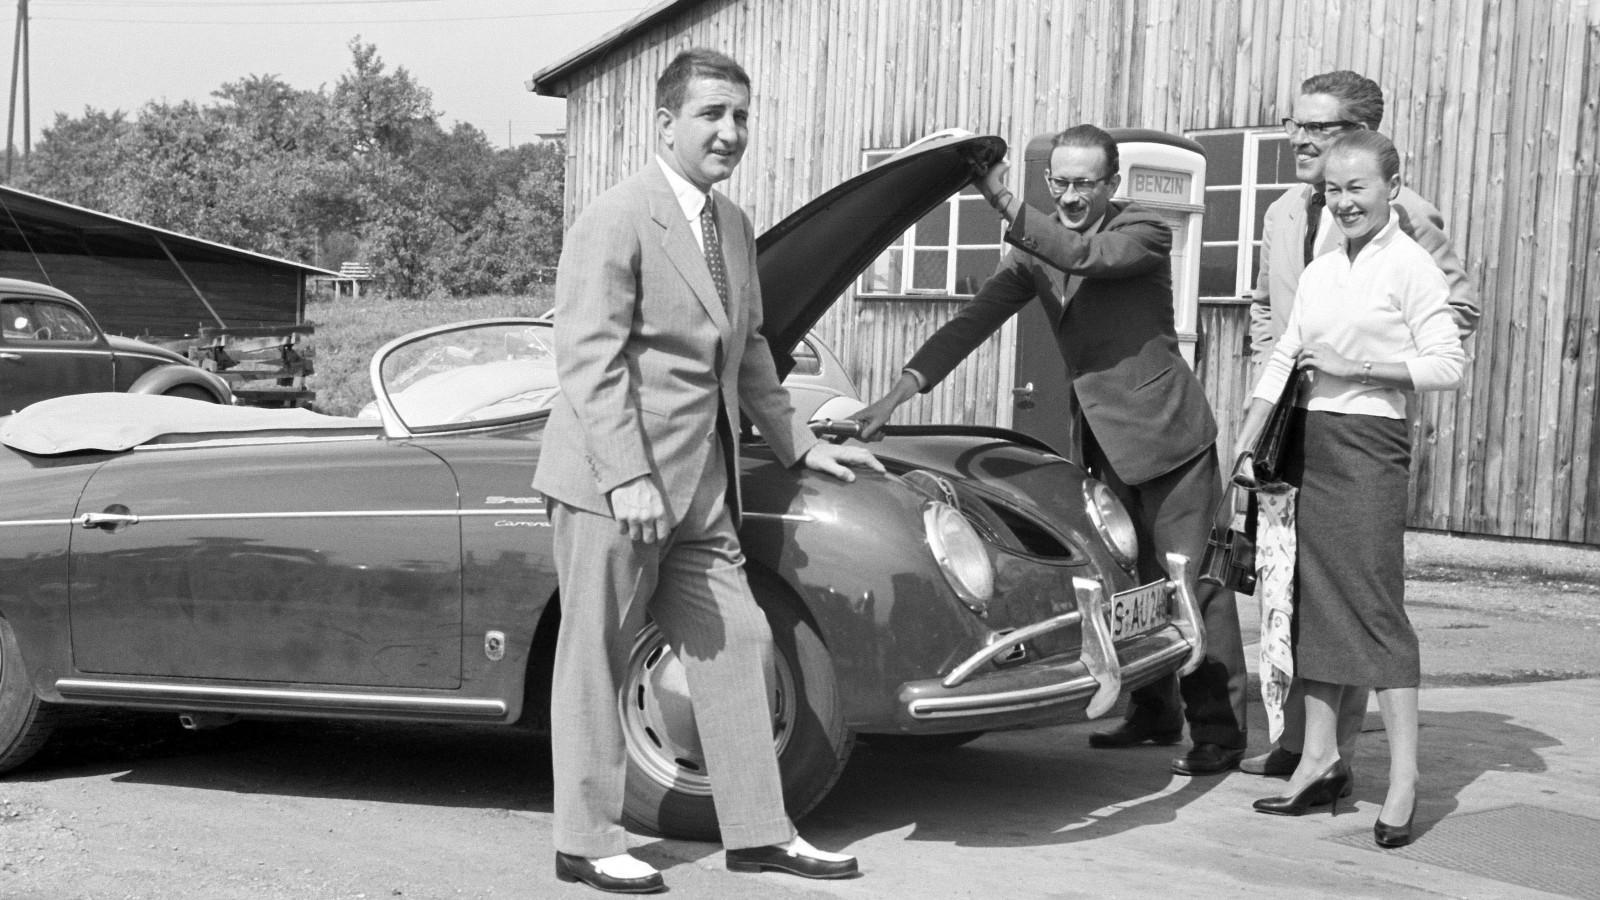 De legendariska tävlingsförarna Richard von Frankenberg (Andra från vänster) och Huschke von Hanstein (Tredje från vänster) hämtar en 356 A 1500 GS Carrera Speedster.